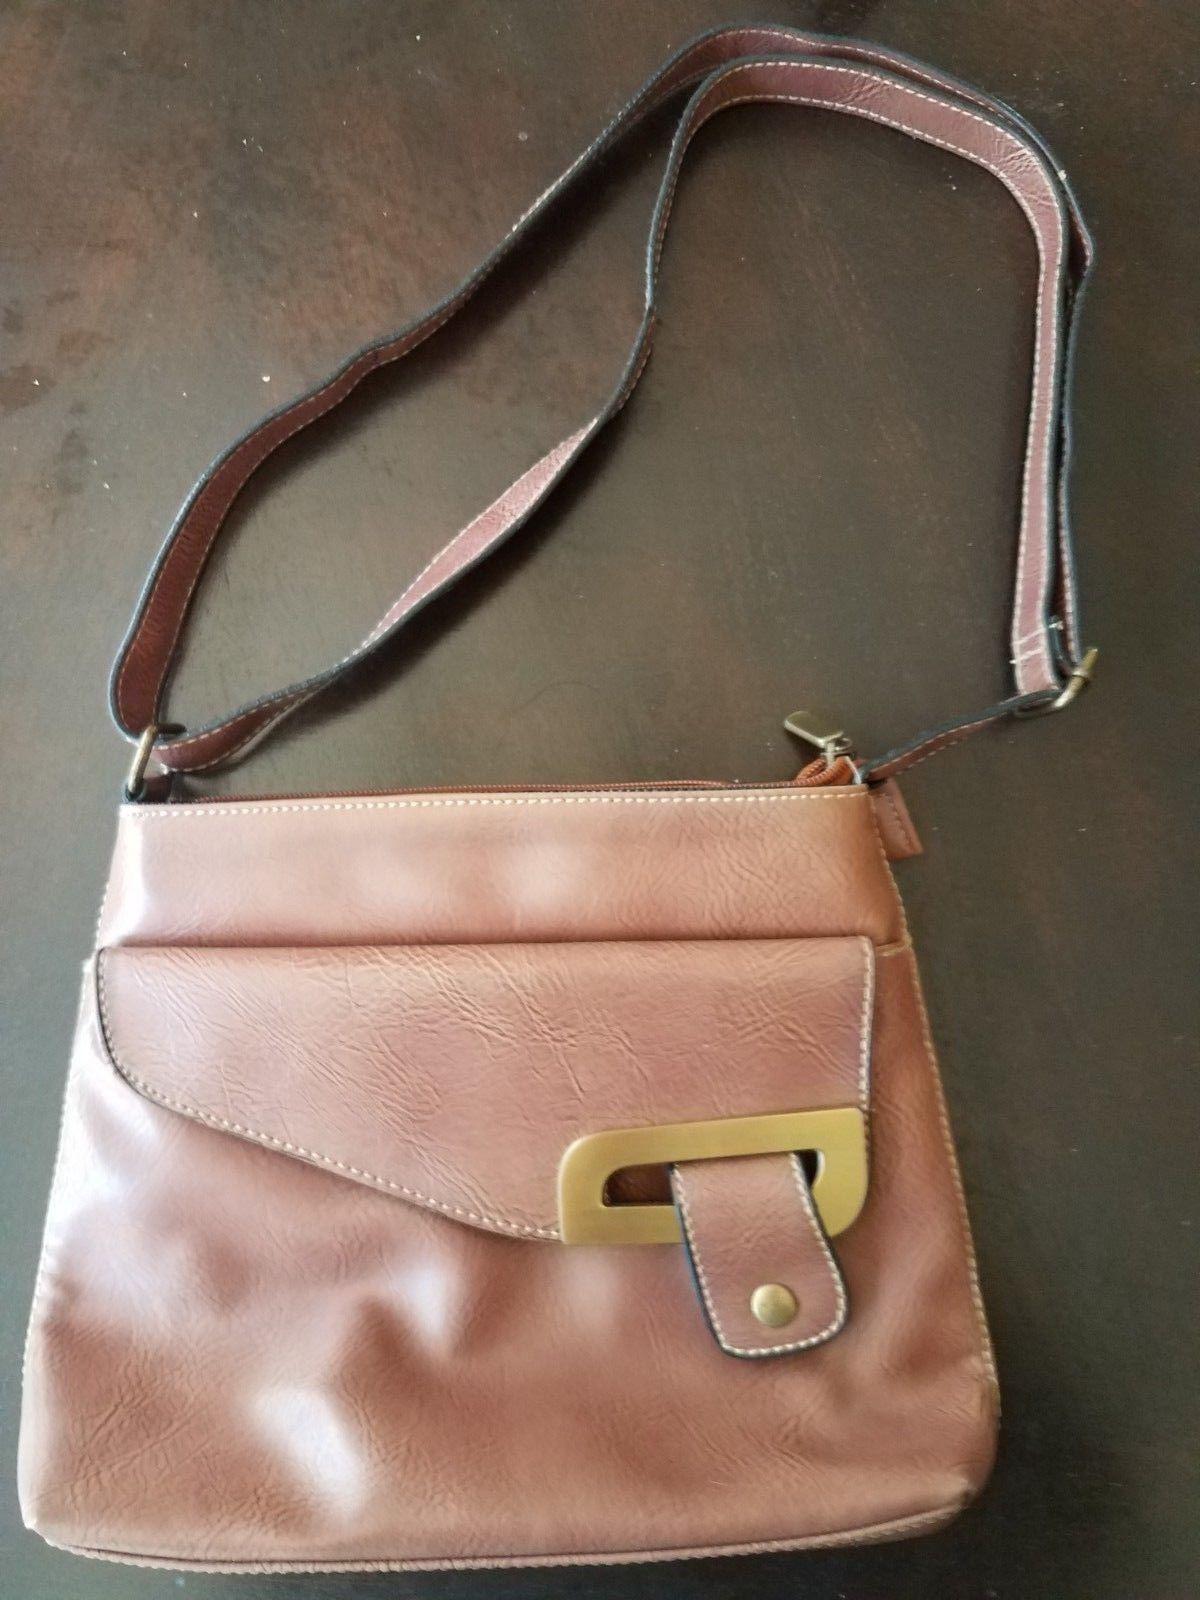 d0502e9e5da9 Vintage caramel leather David Jones collection crossbody bag ...